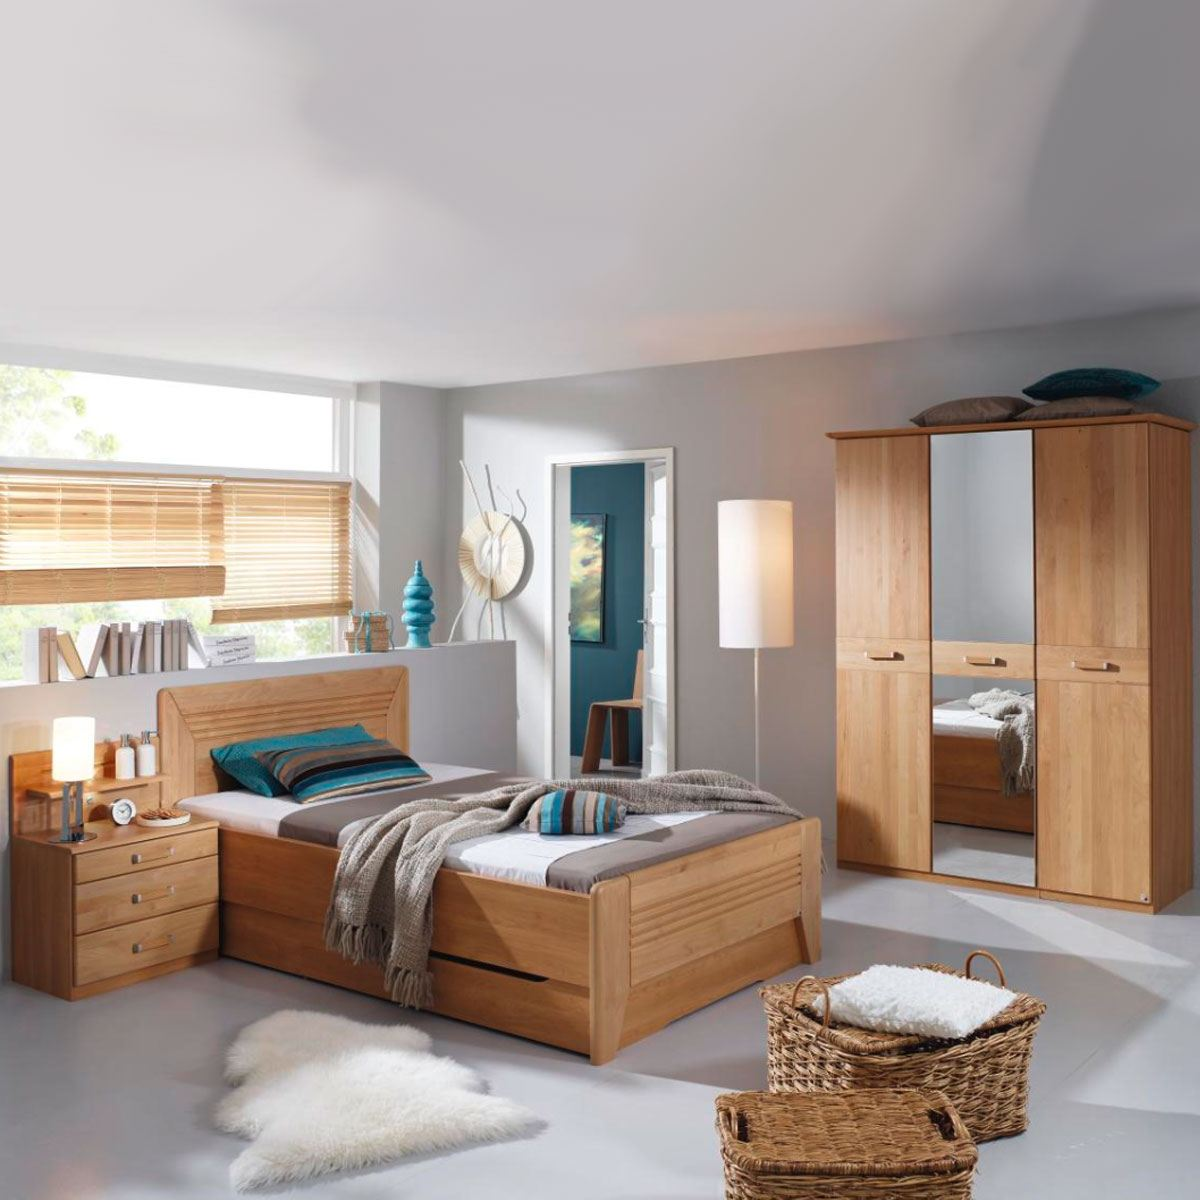 Rauch steffen valerie schlafzimmer ausf hrung erle natur - Rauch steffen schlafzimmer ...